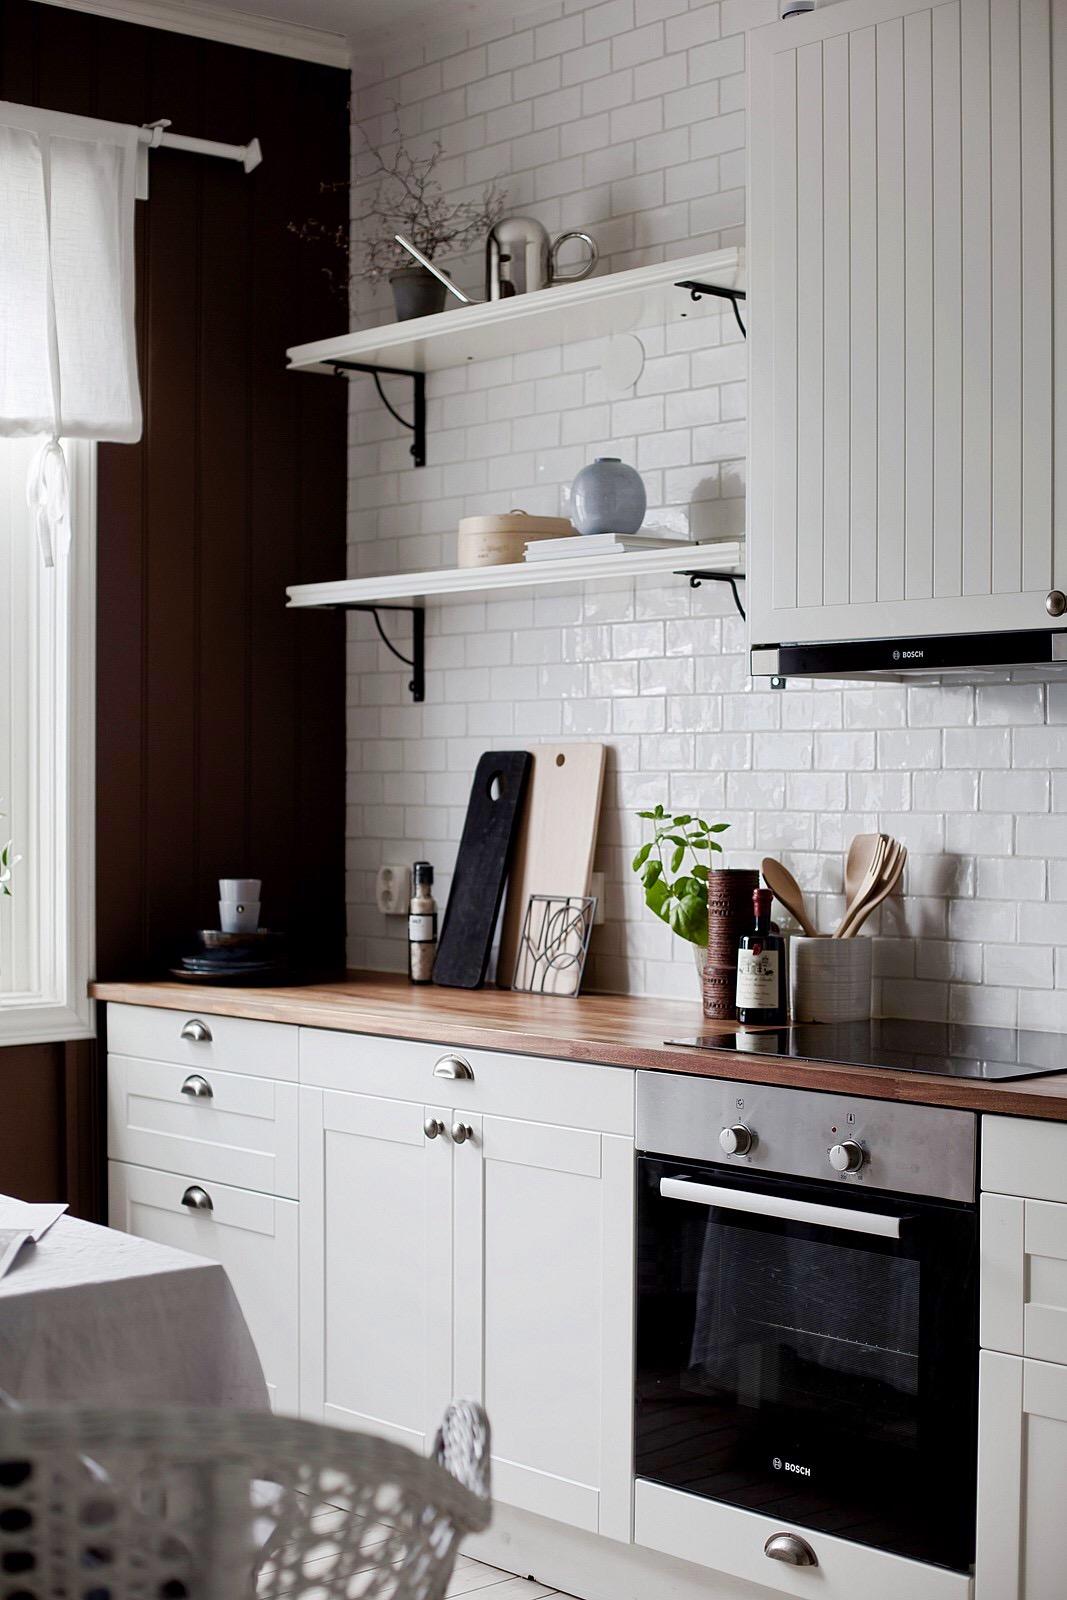 кухня полки плита встроенная вытяжка столешница плитка кабанчик ретро окно